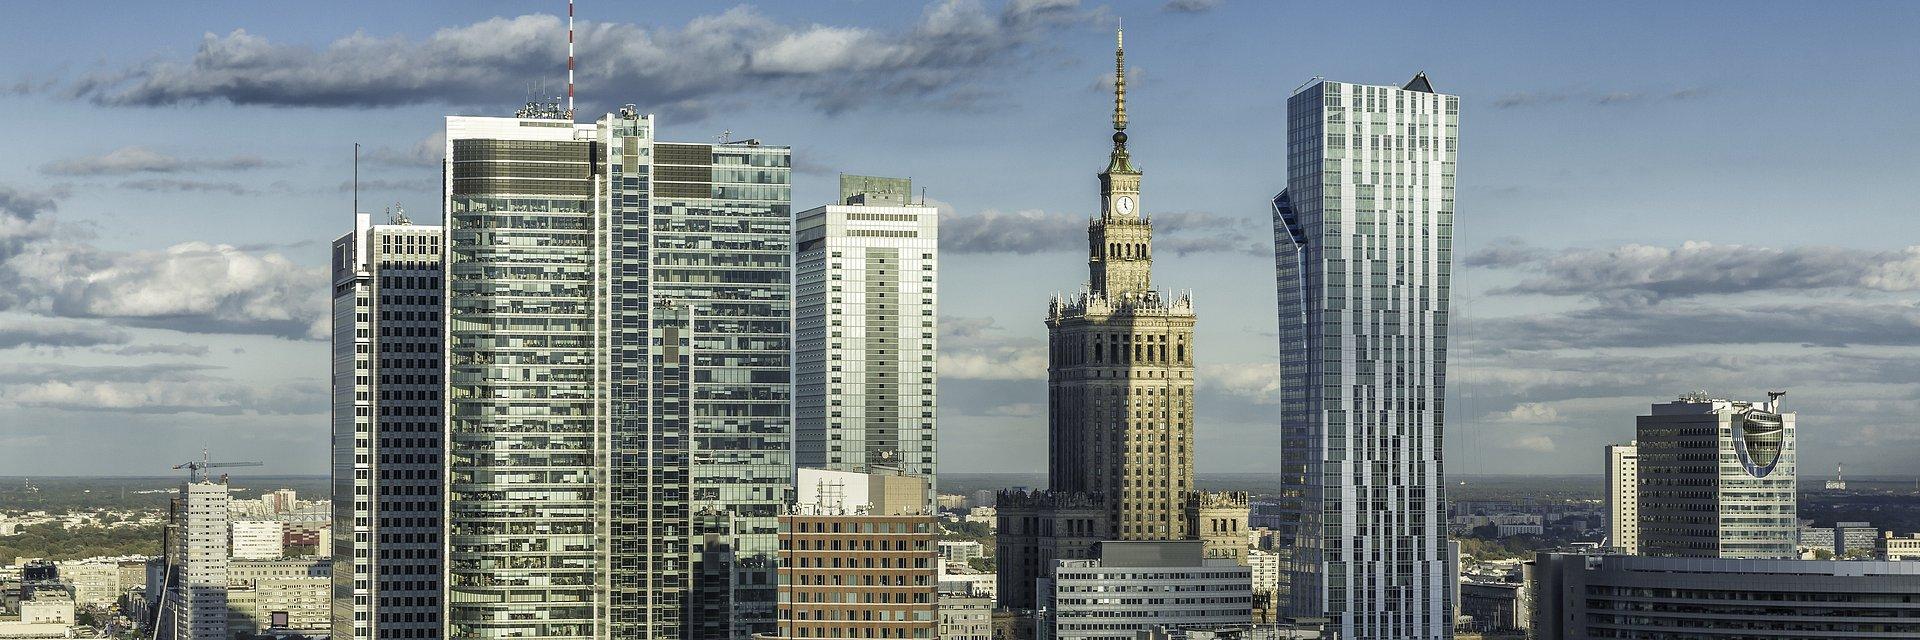 W Warszawie o biuro najtrudniej od 6 lat, ale 2020 przynosi wytchnienie